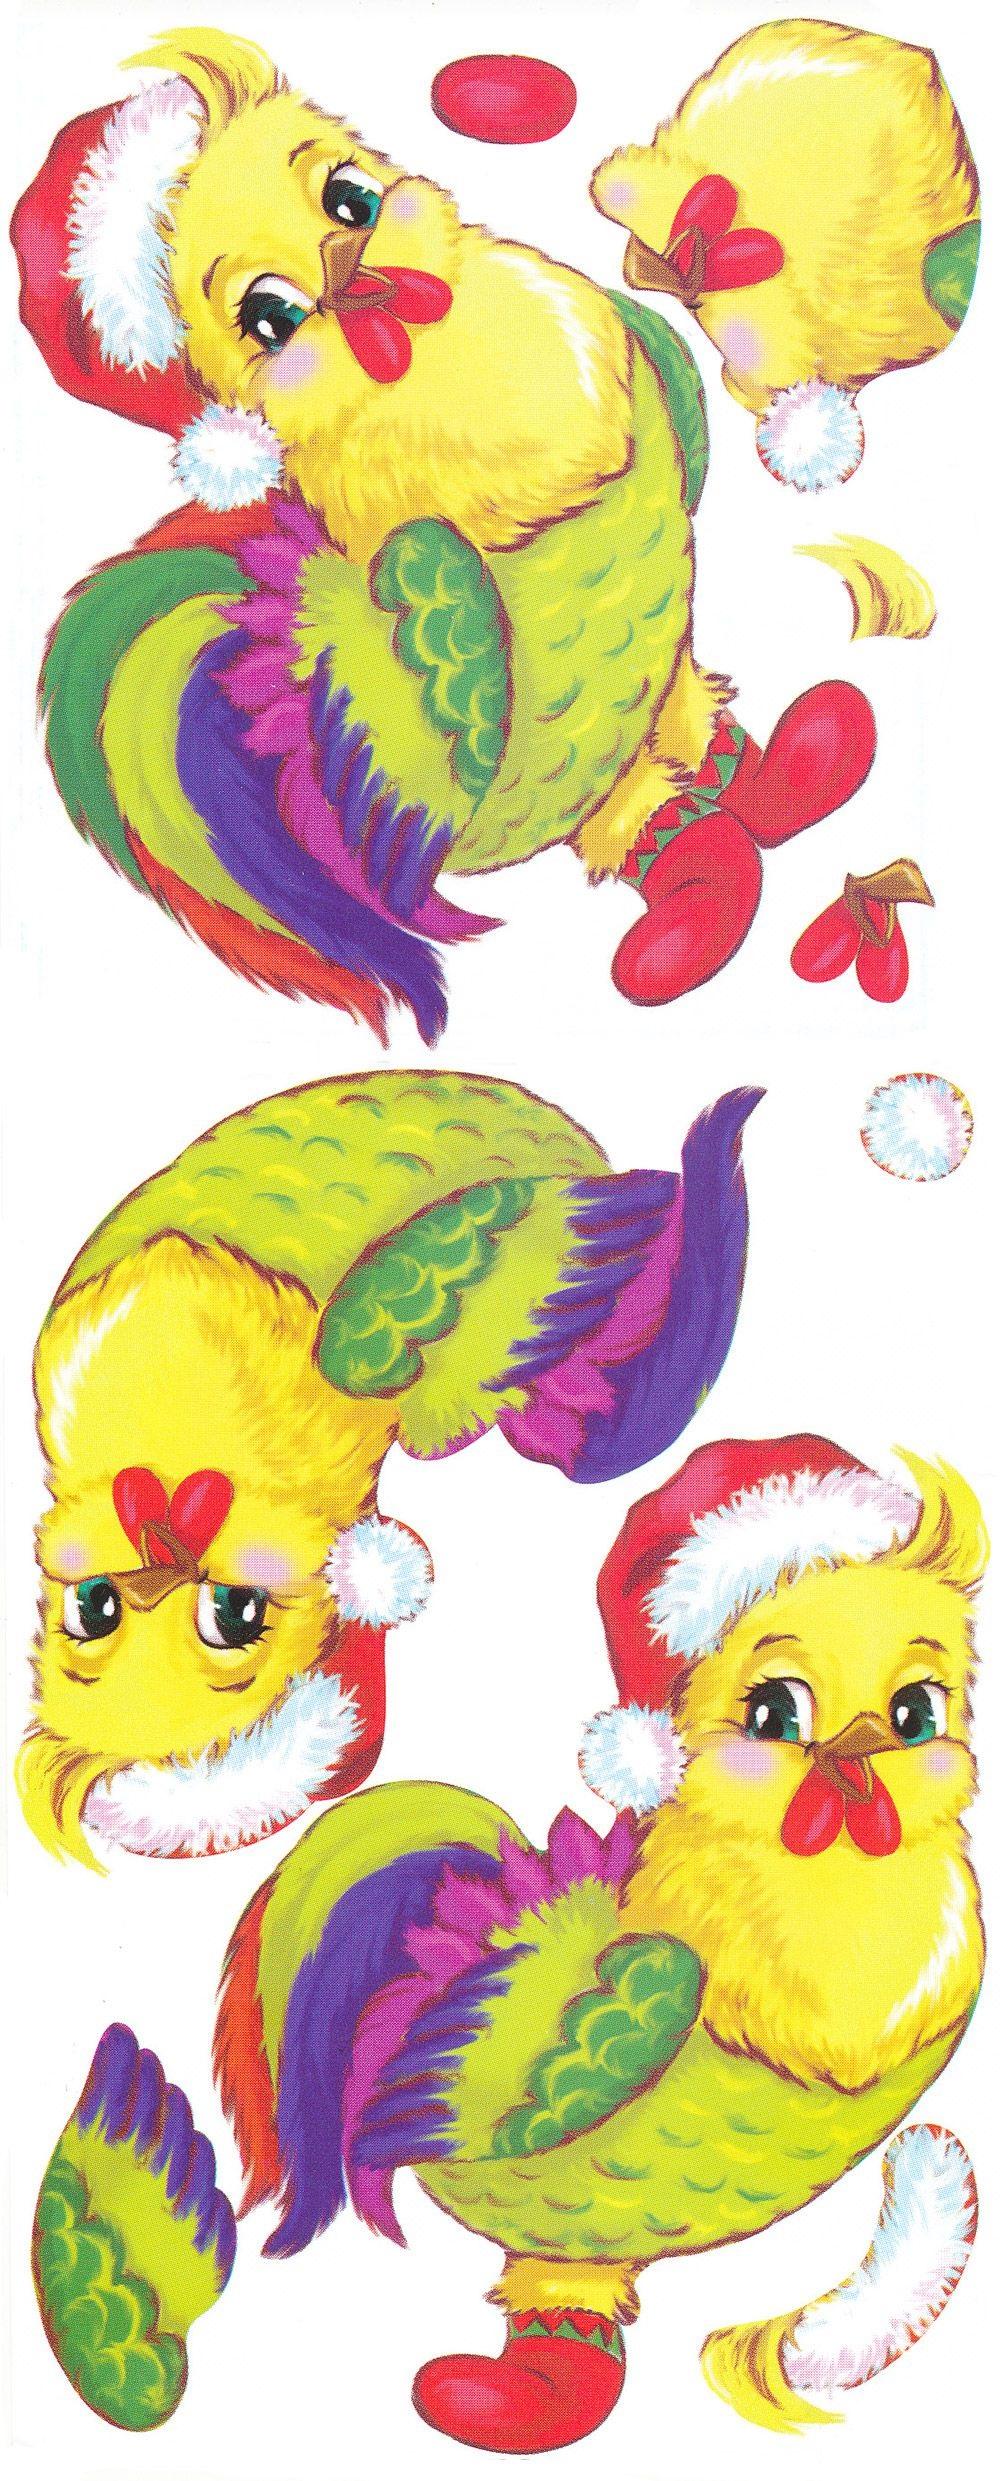 петух символ 2017 года своими руками - открытка петушок